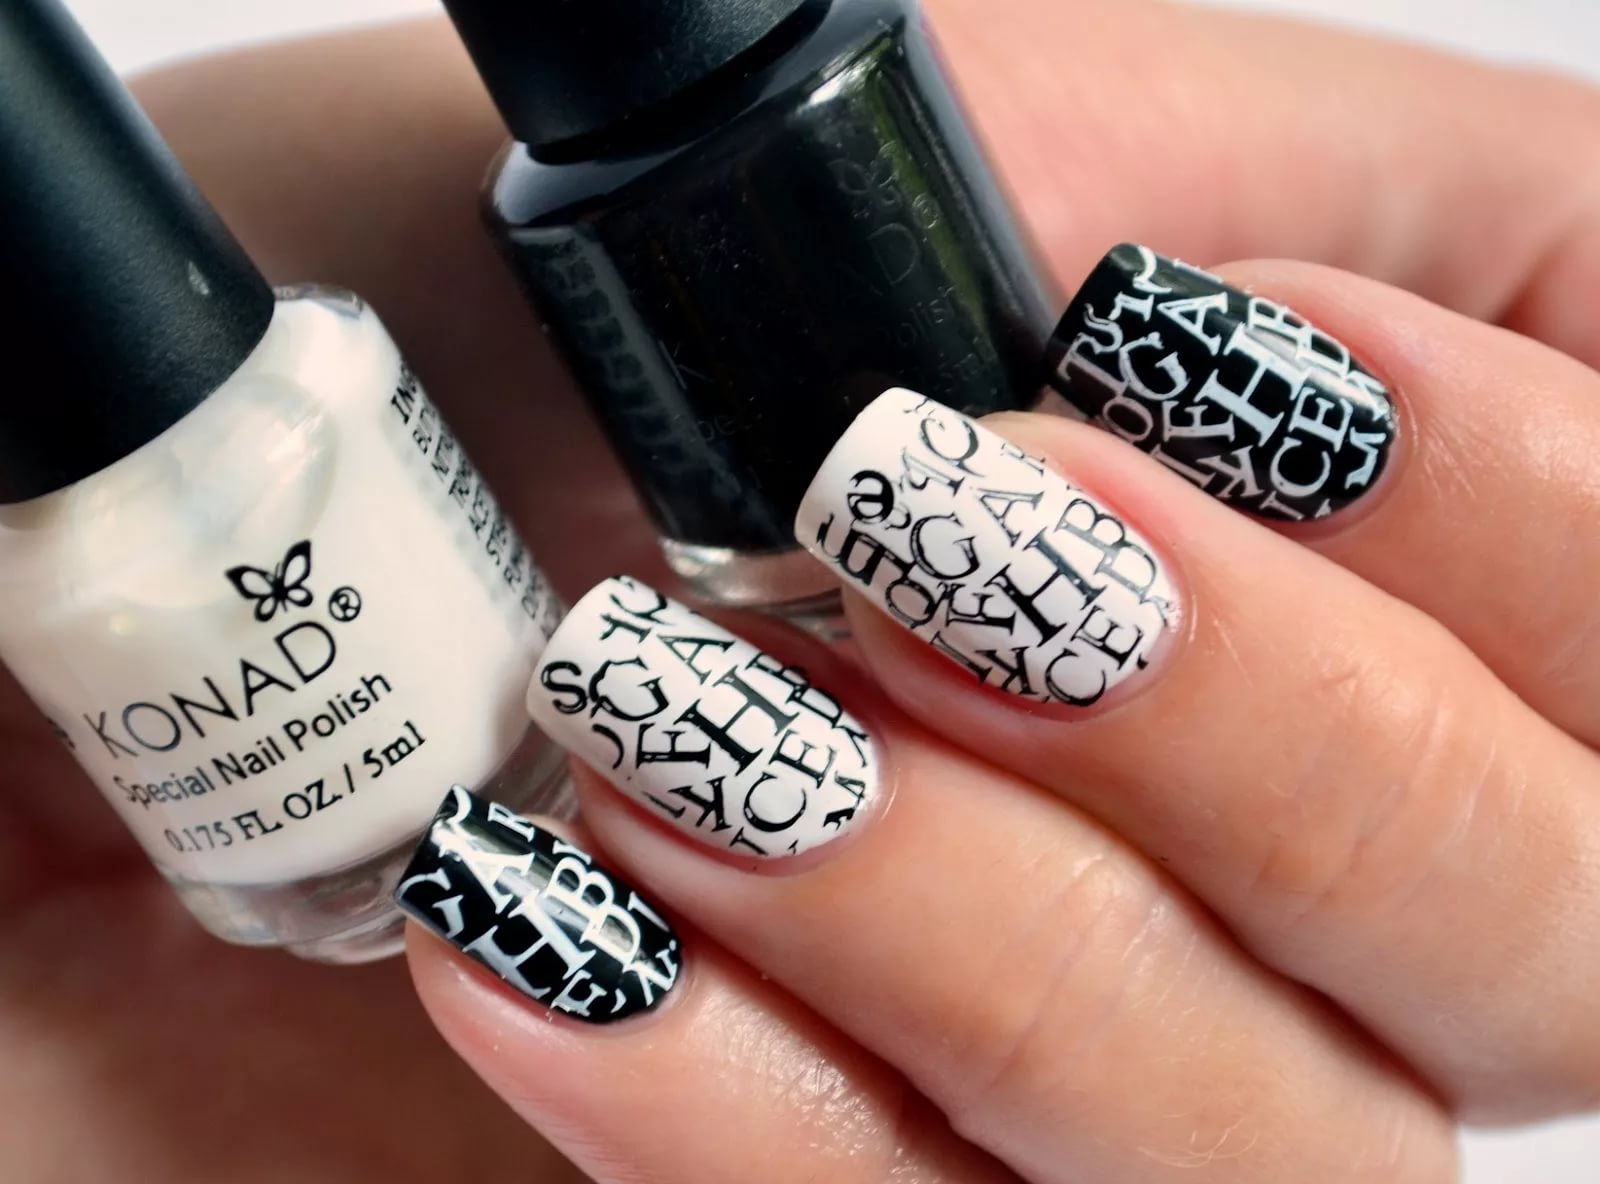 Стемпинг для ногтей в домашних условиях: как правильно ...